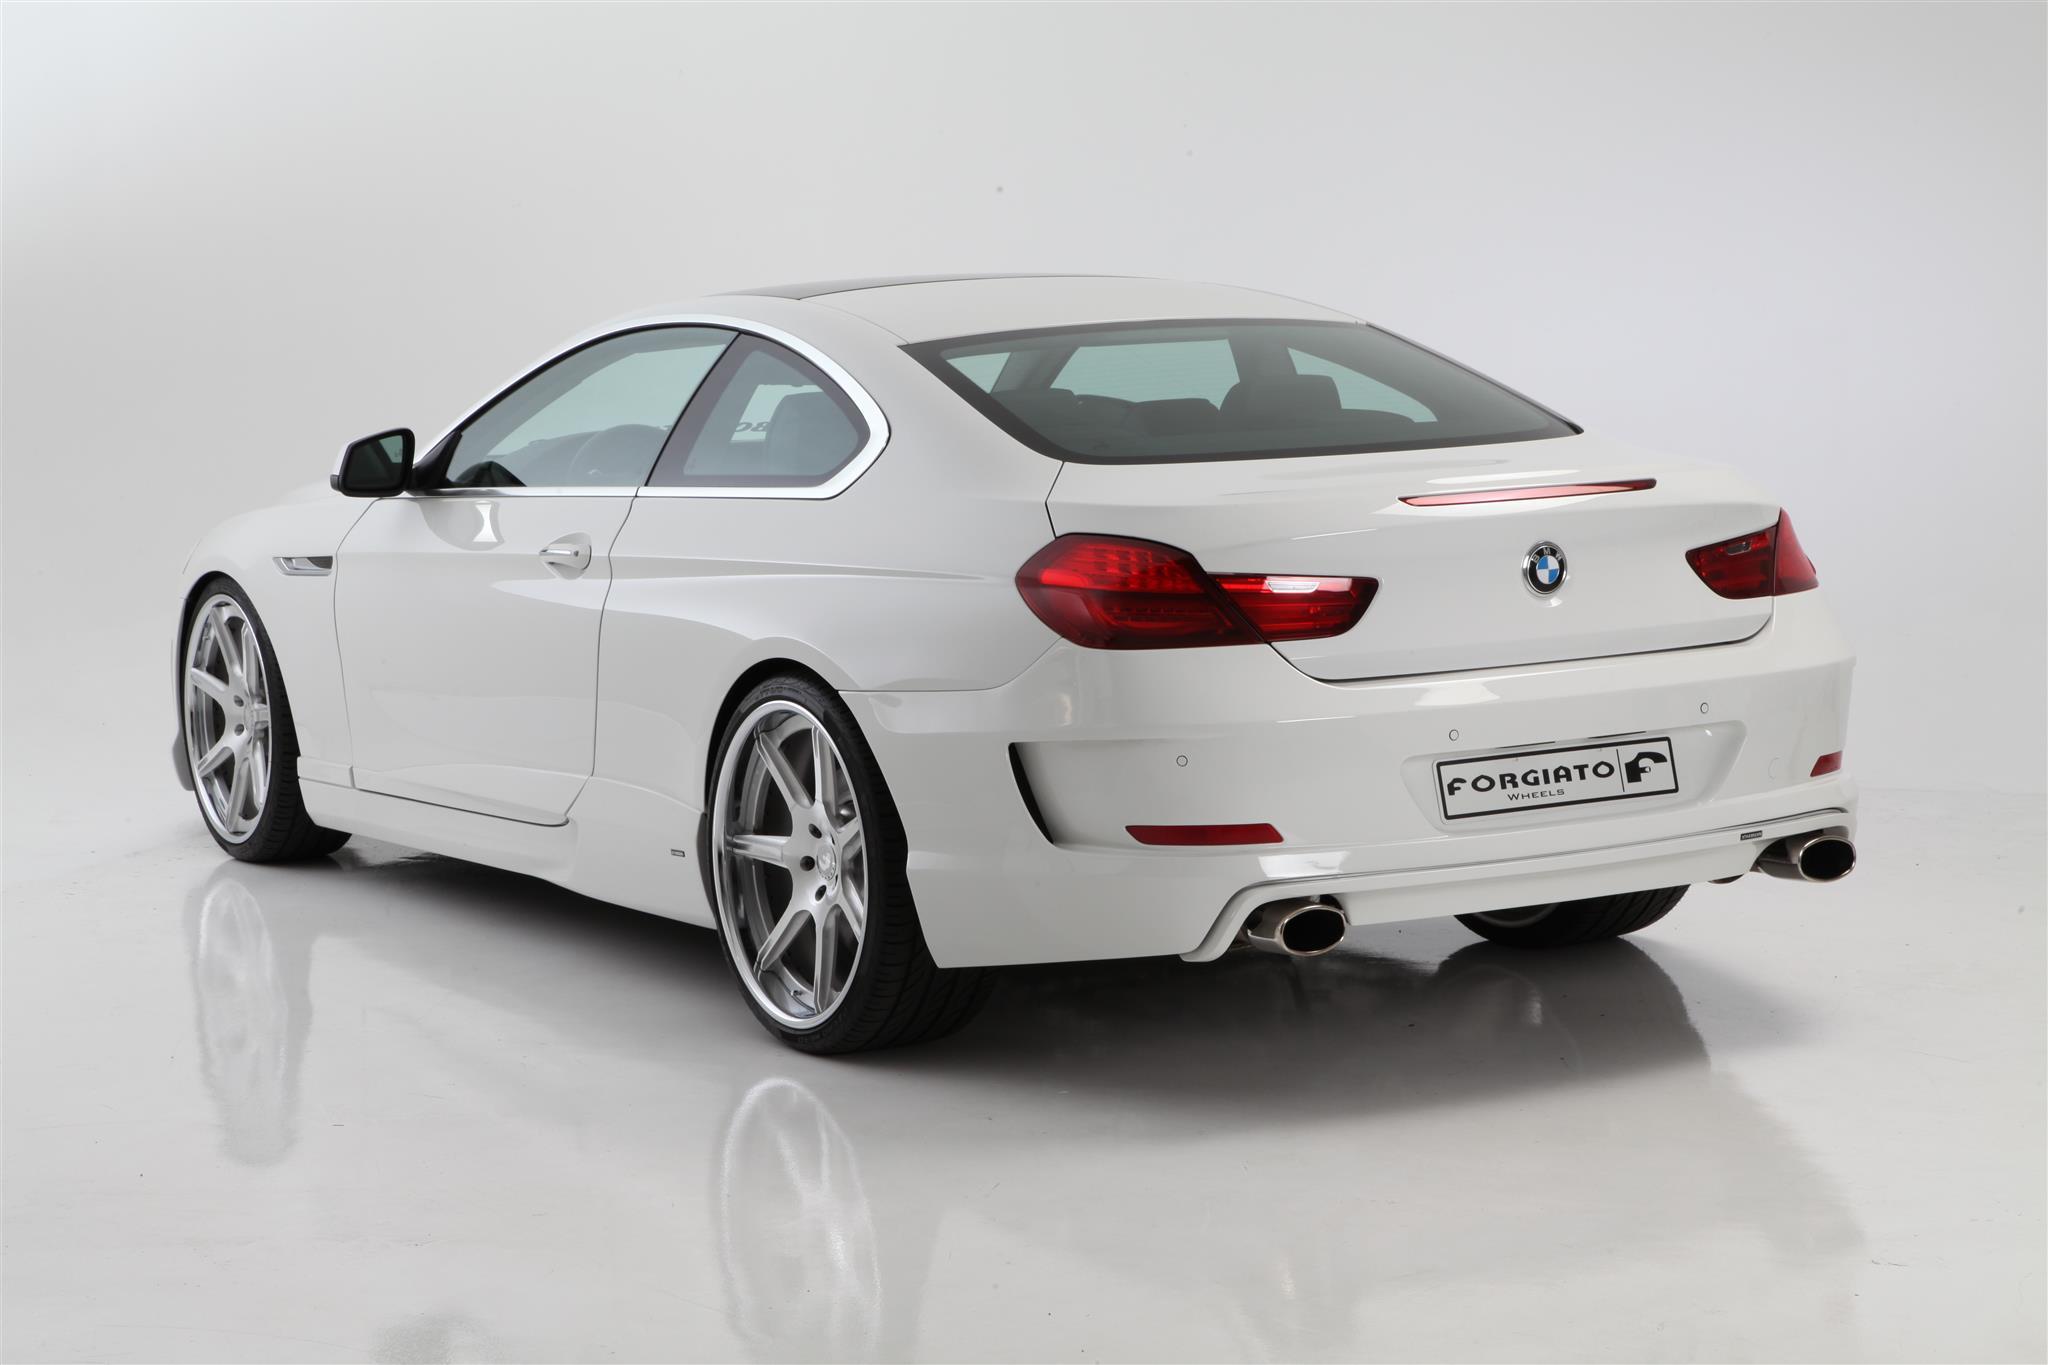 """2012 BMW 640i -  Eibach Springs, Pirelli Tires:, 22"""" Forgiato F 22 Wheels:, HAMANN USA Aero Kit:"""